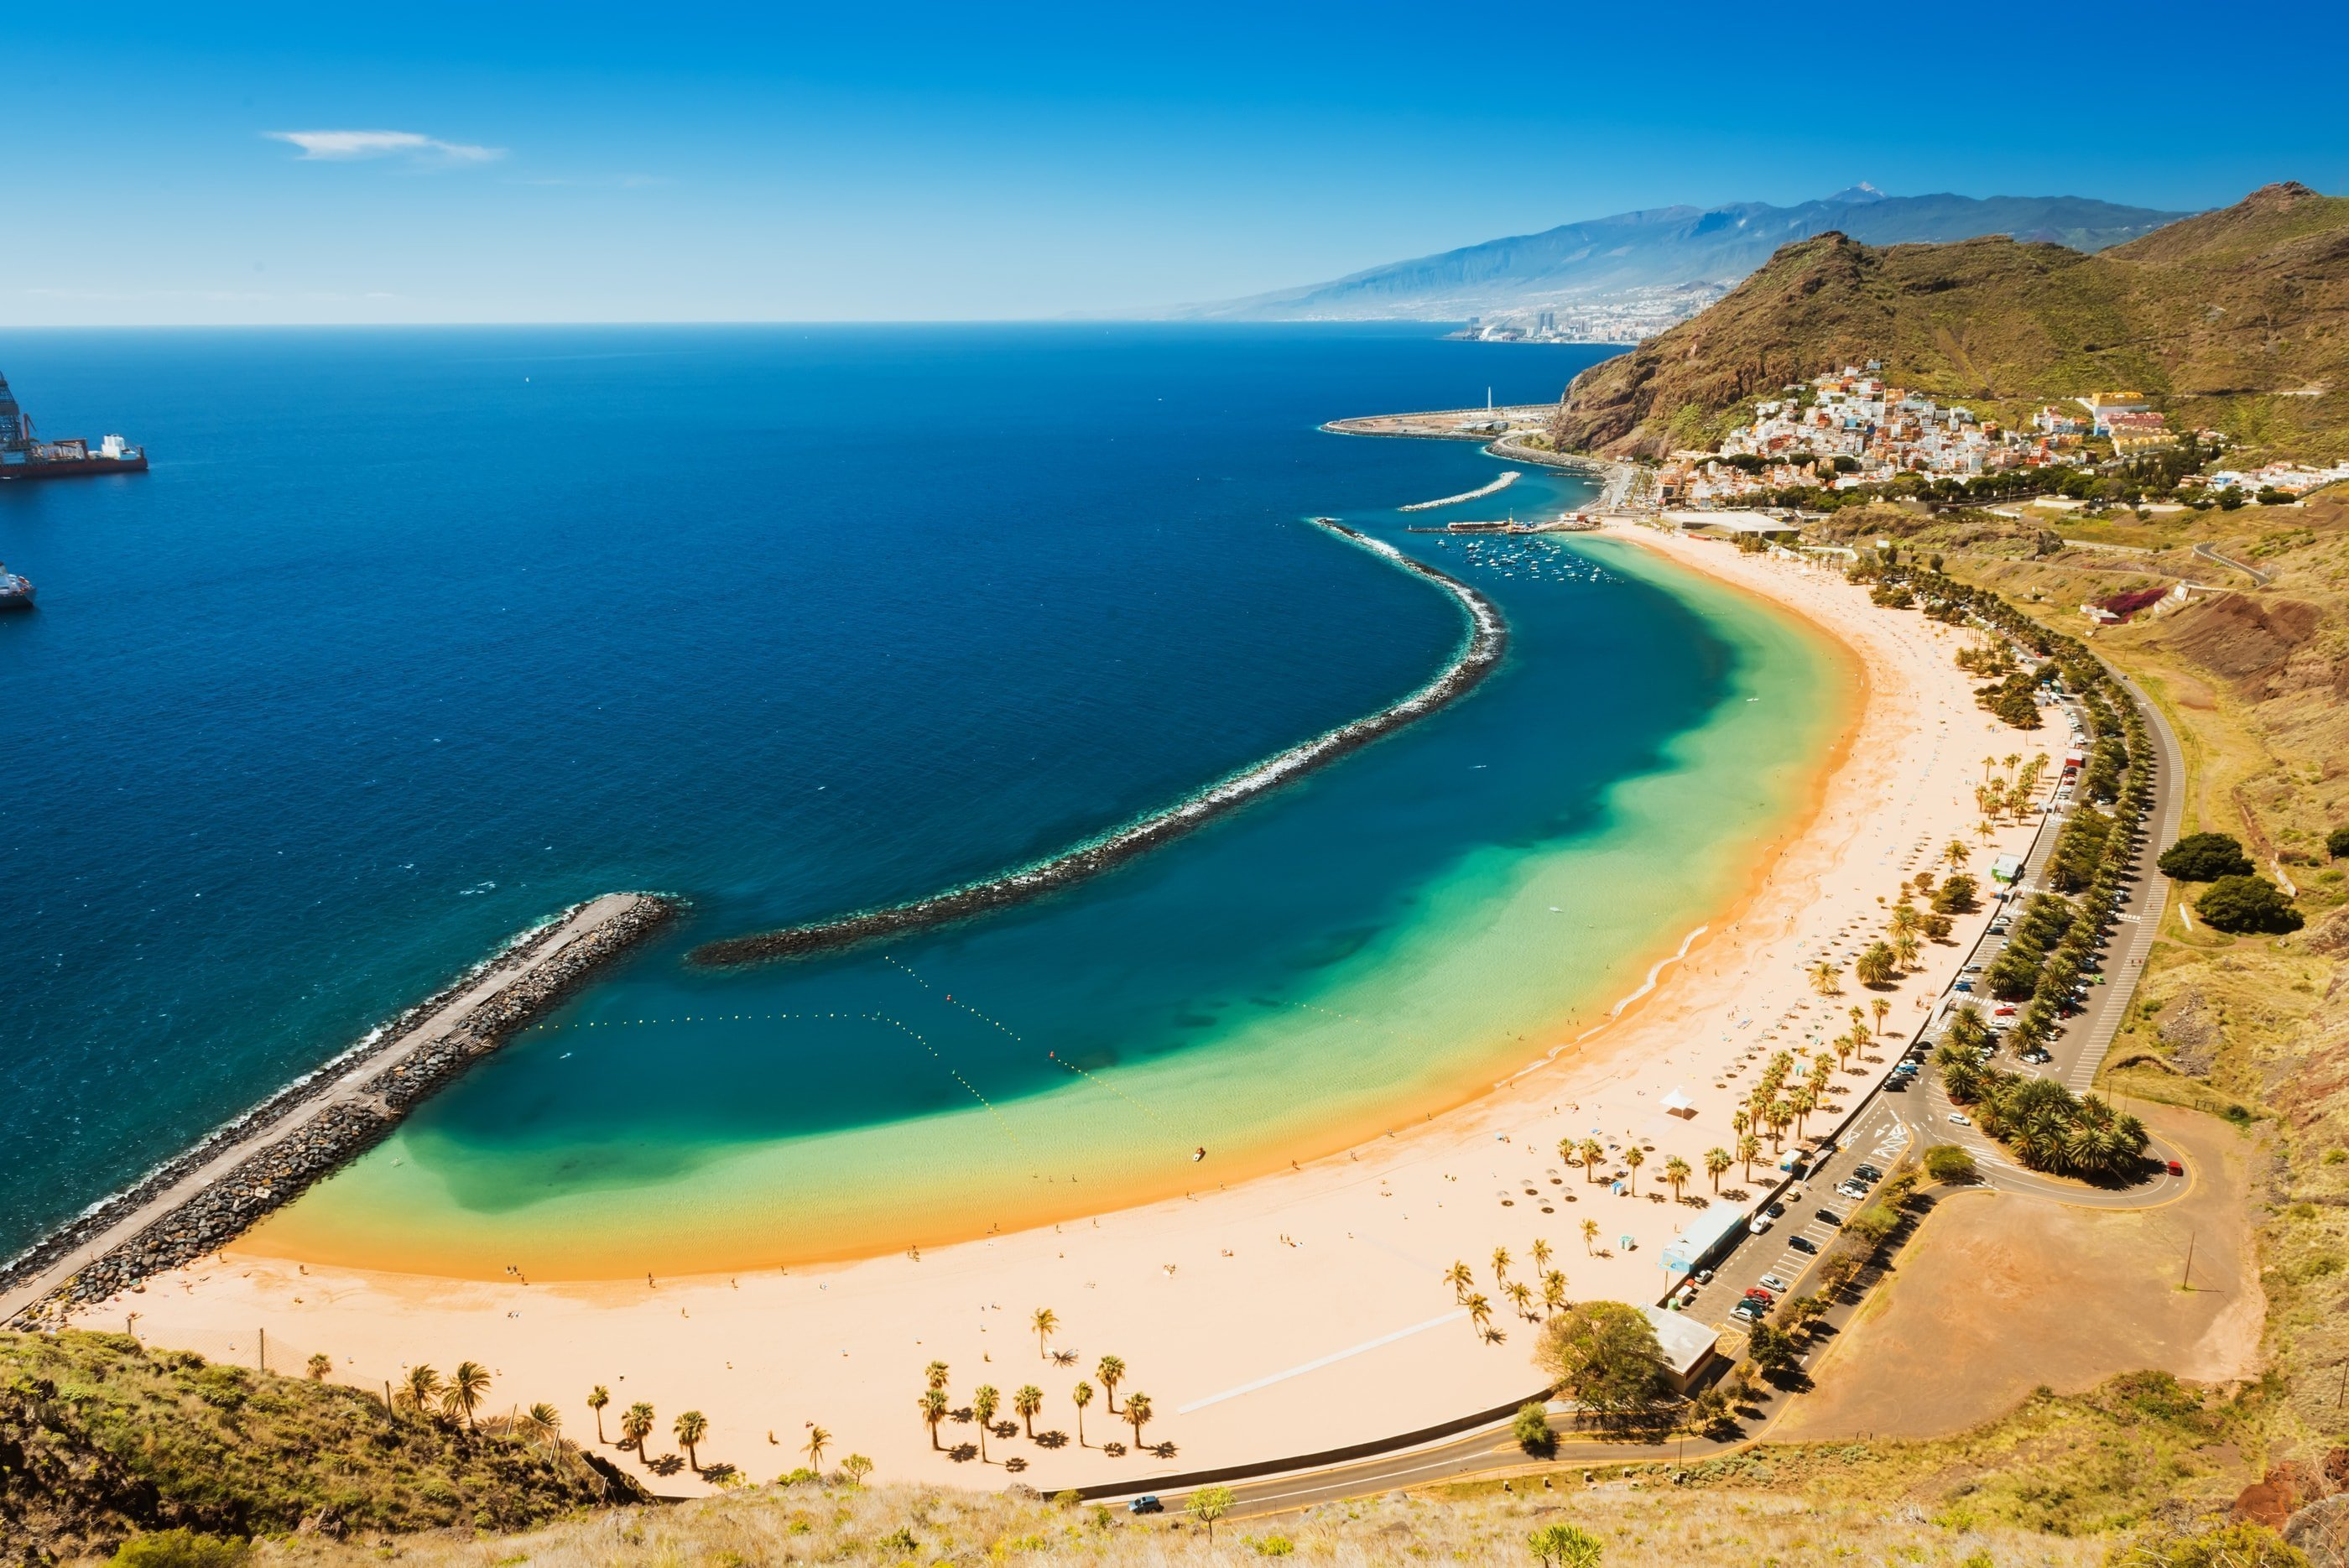 10 razones por las que debes viajar a Tenerife